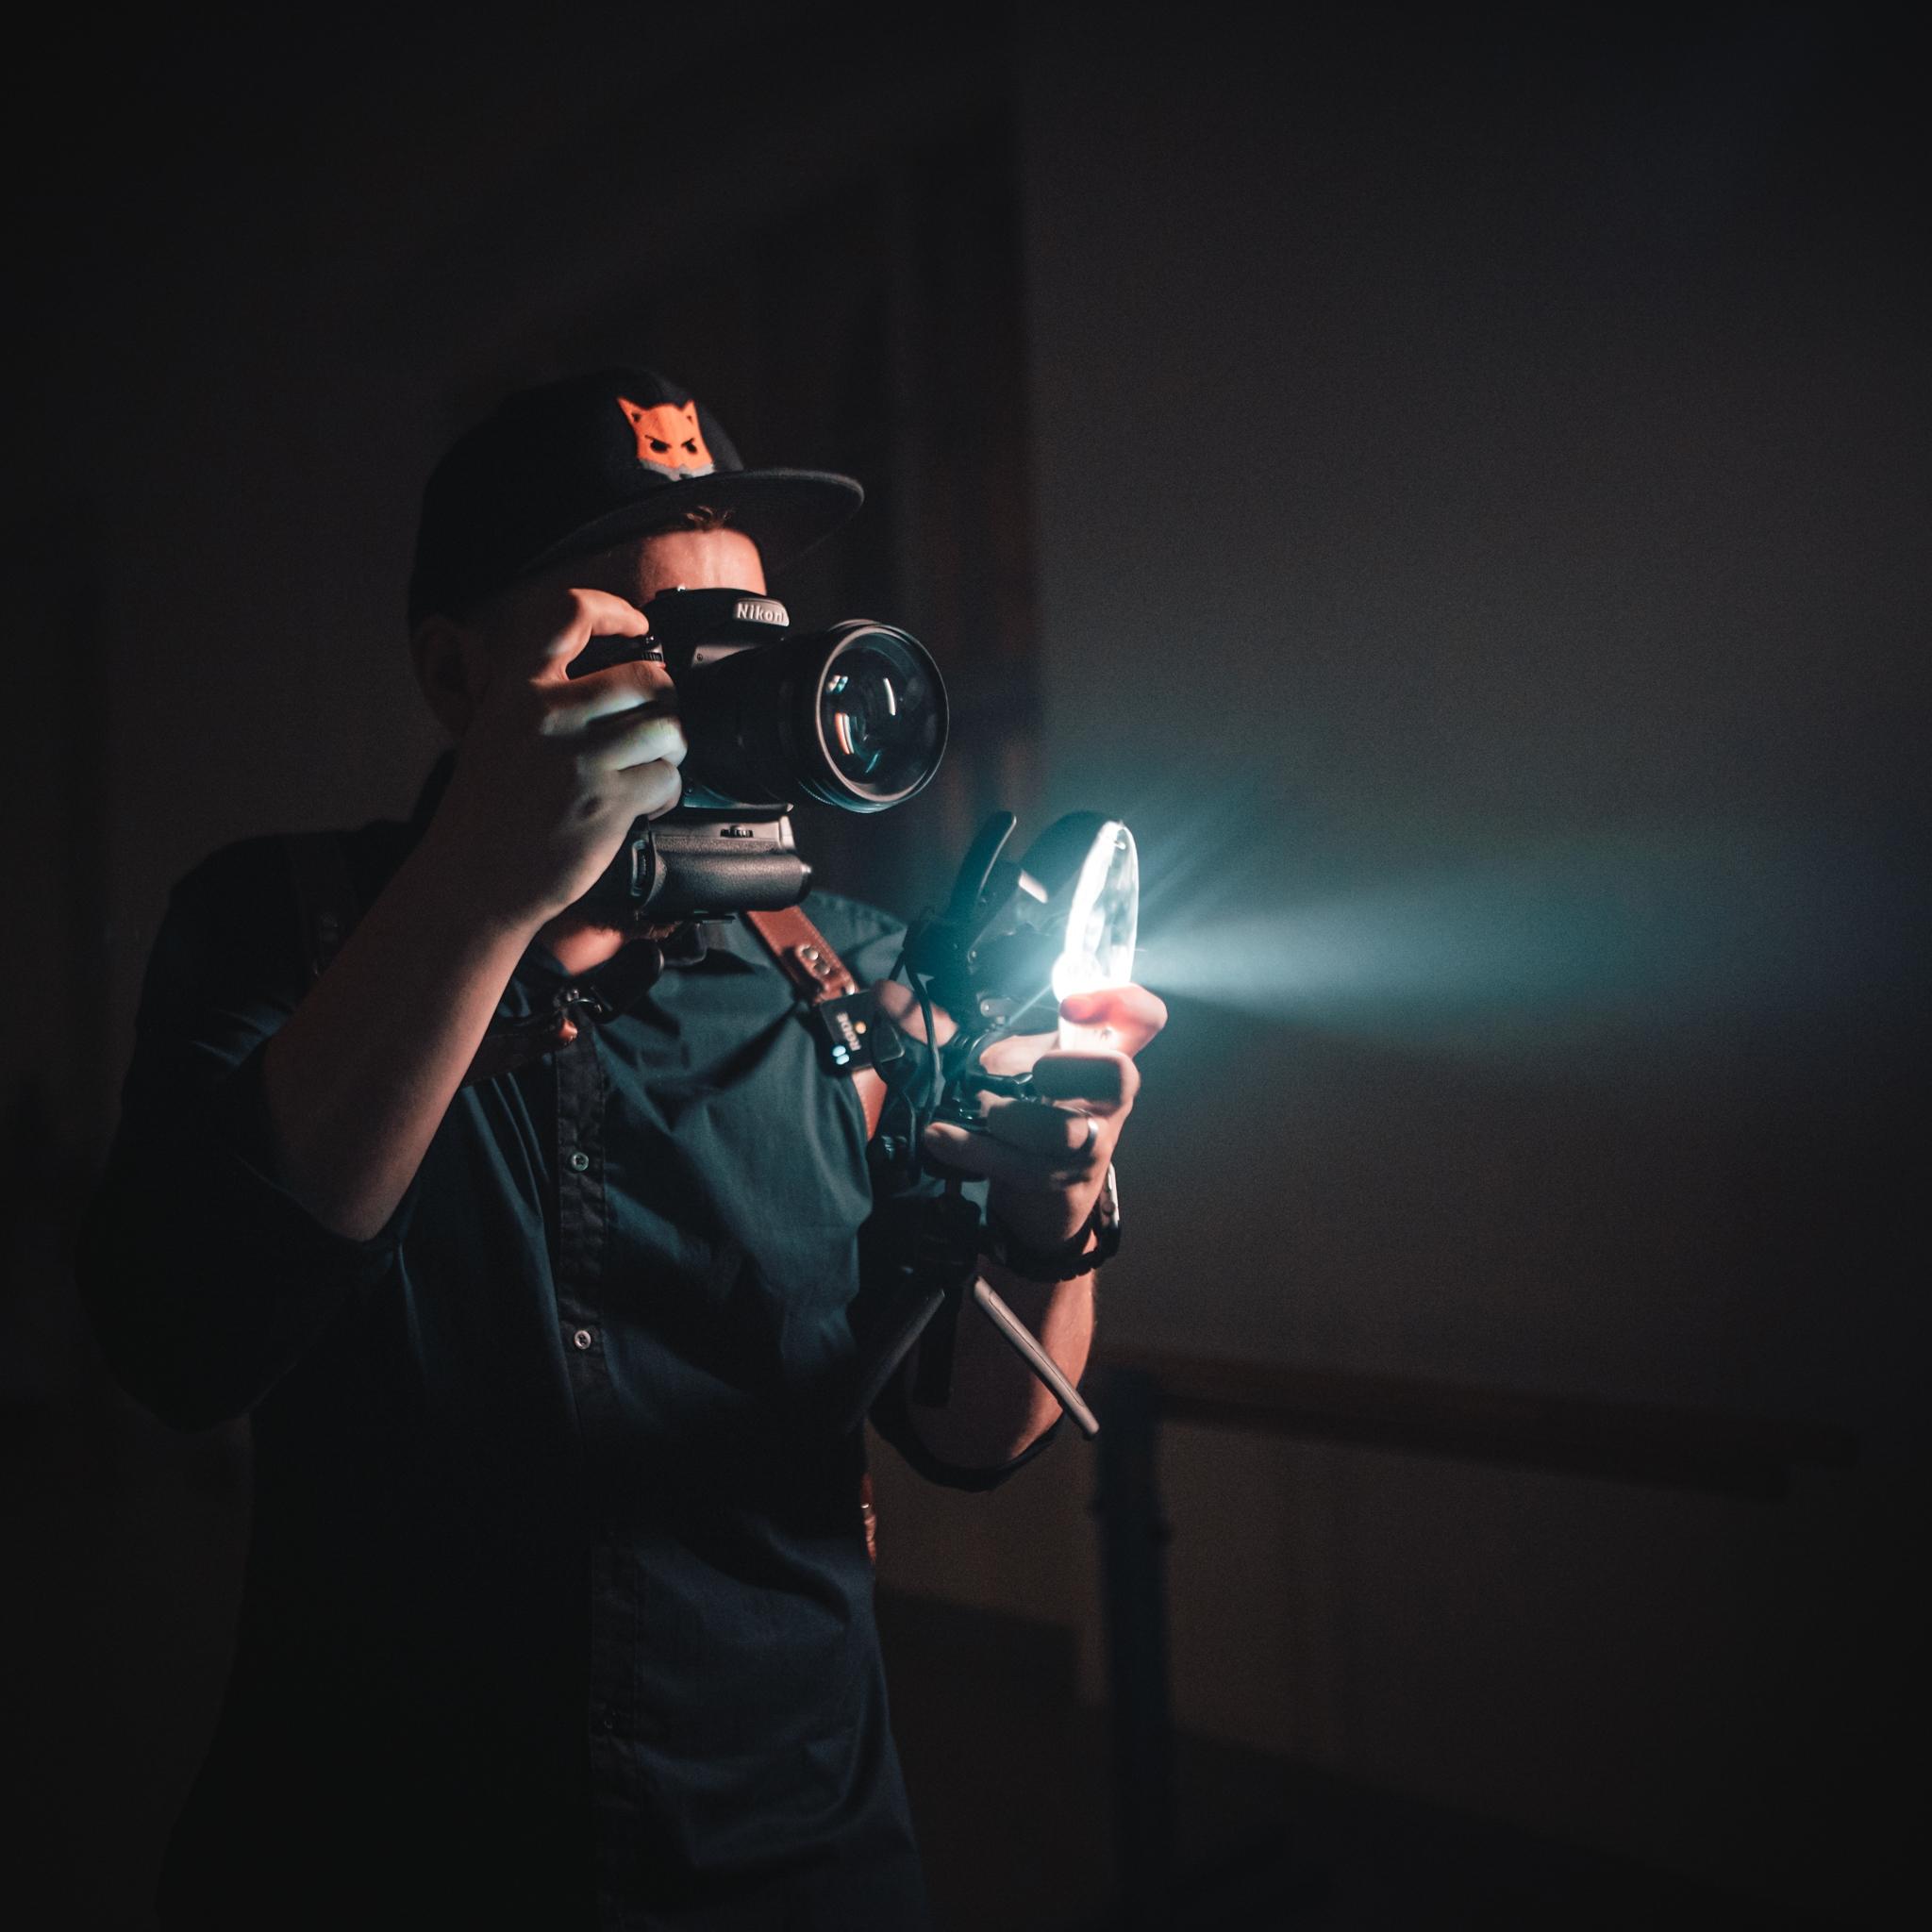 Originell beleuchtetes Porträt? Experimentieren Sie mit Reflexionen und Lichtbrechung